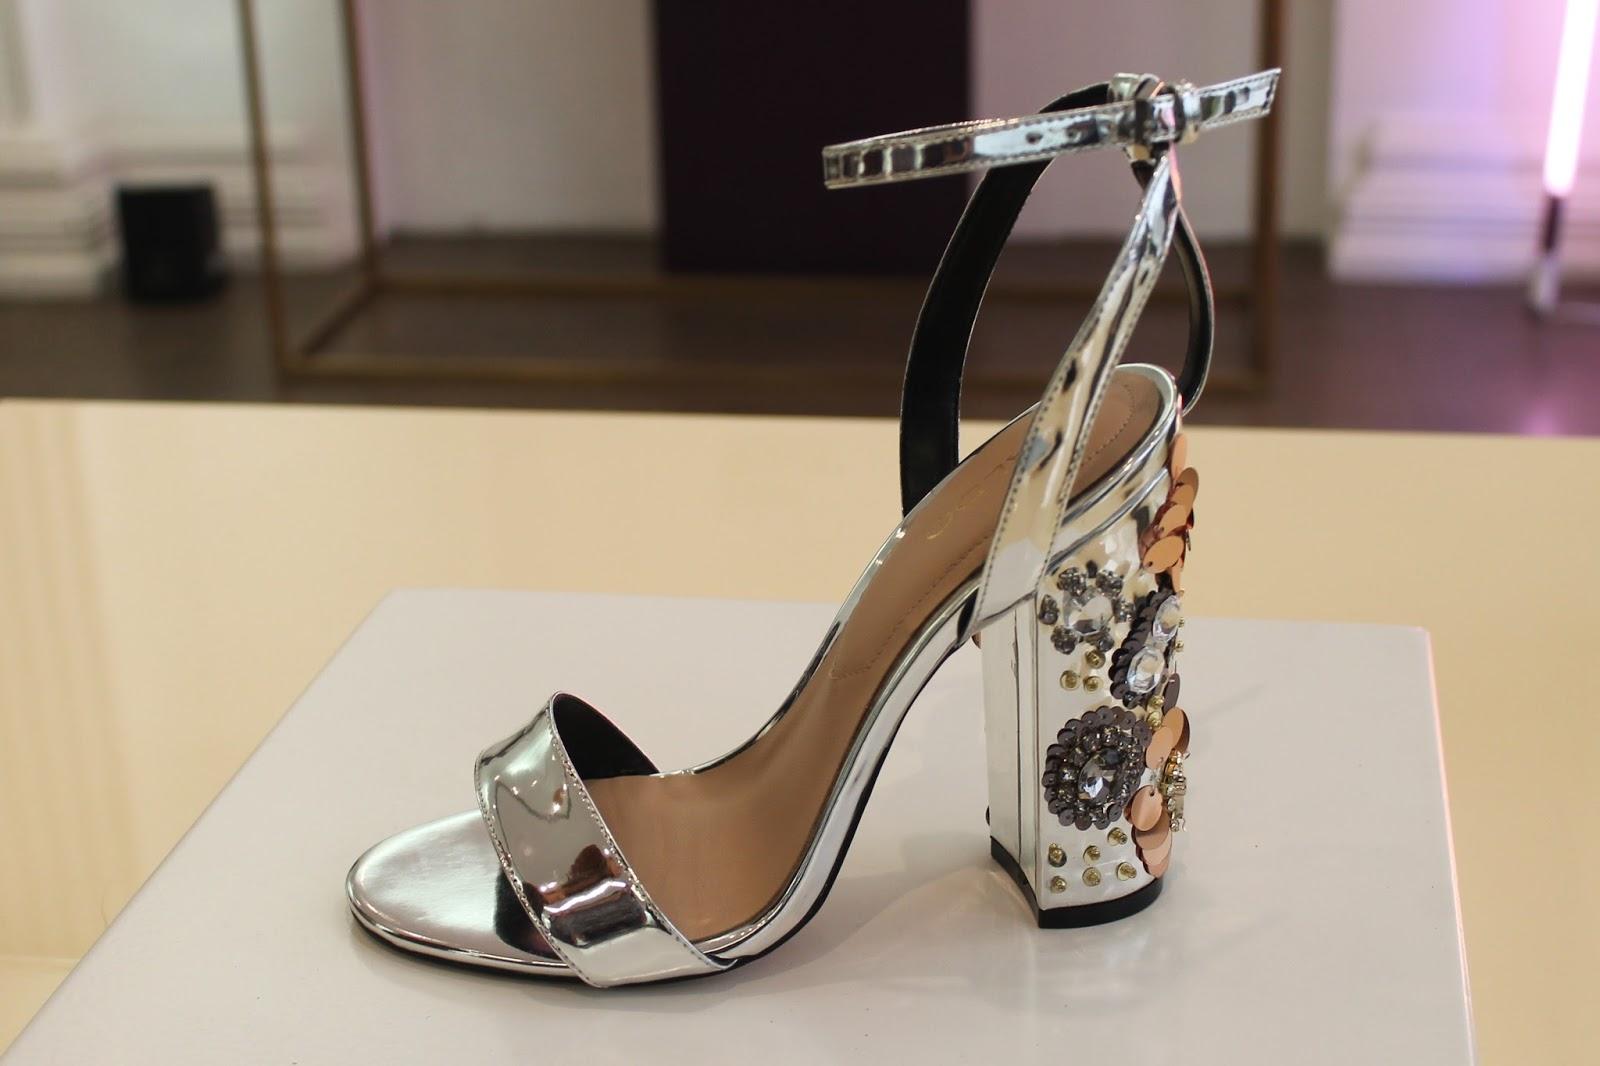 aldo shoes kopen op krediet simulatie